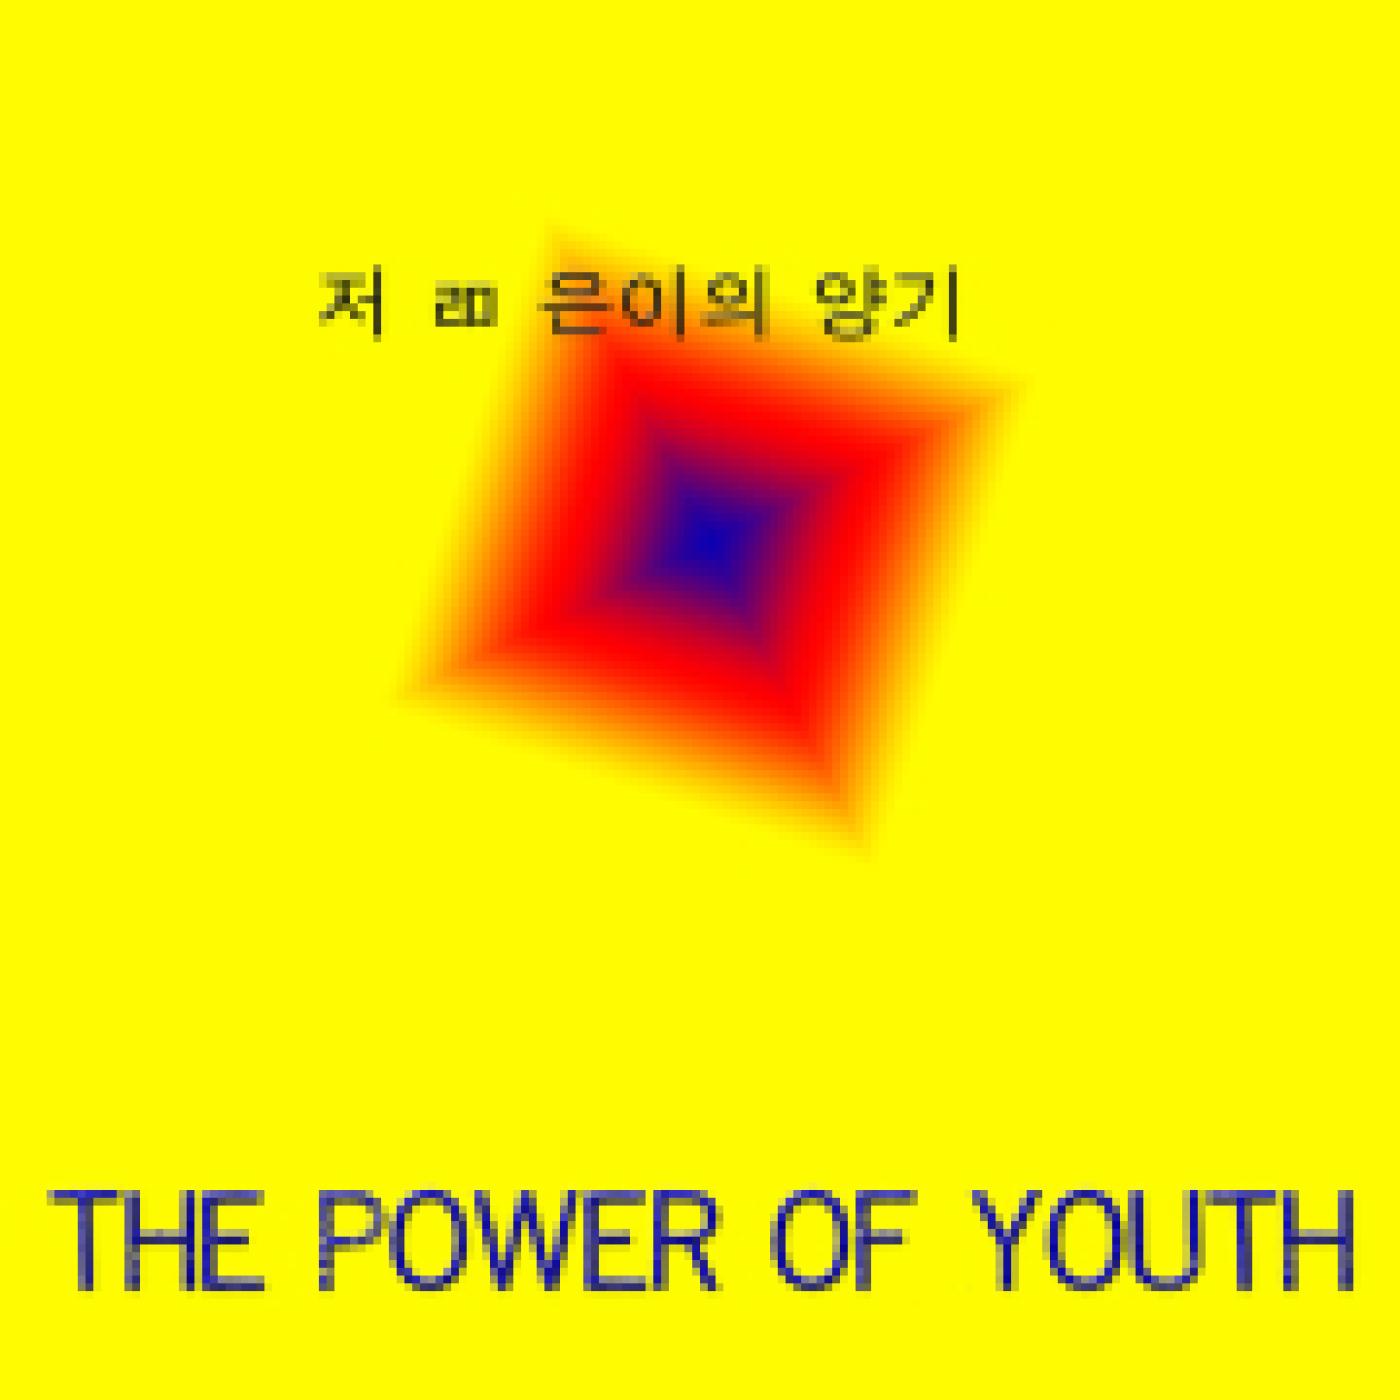 젊은이의 양기: The power of youth